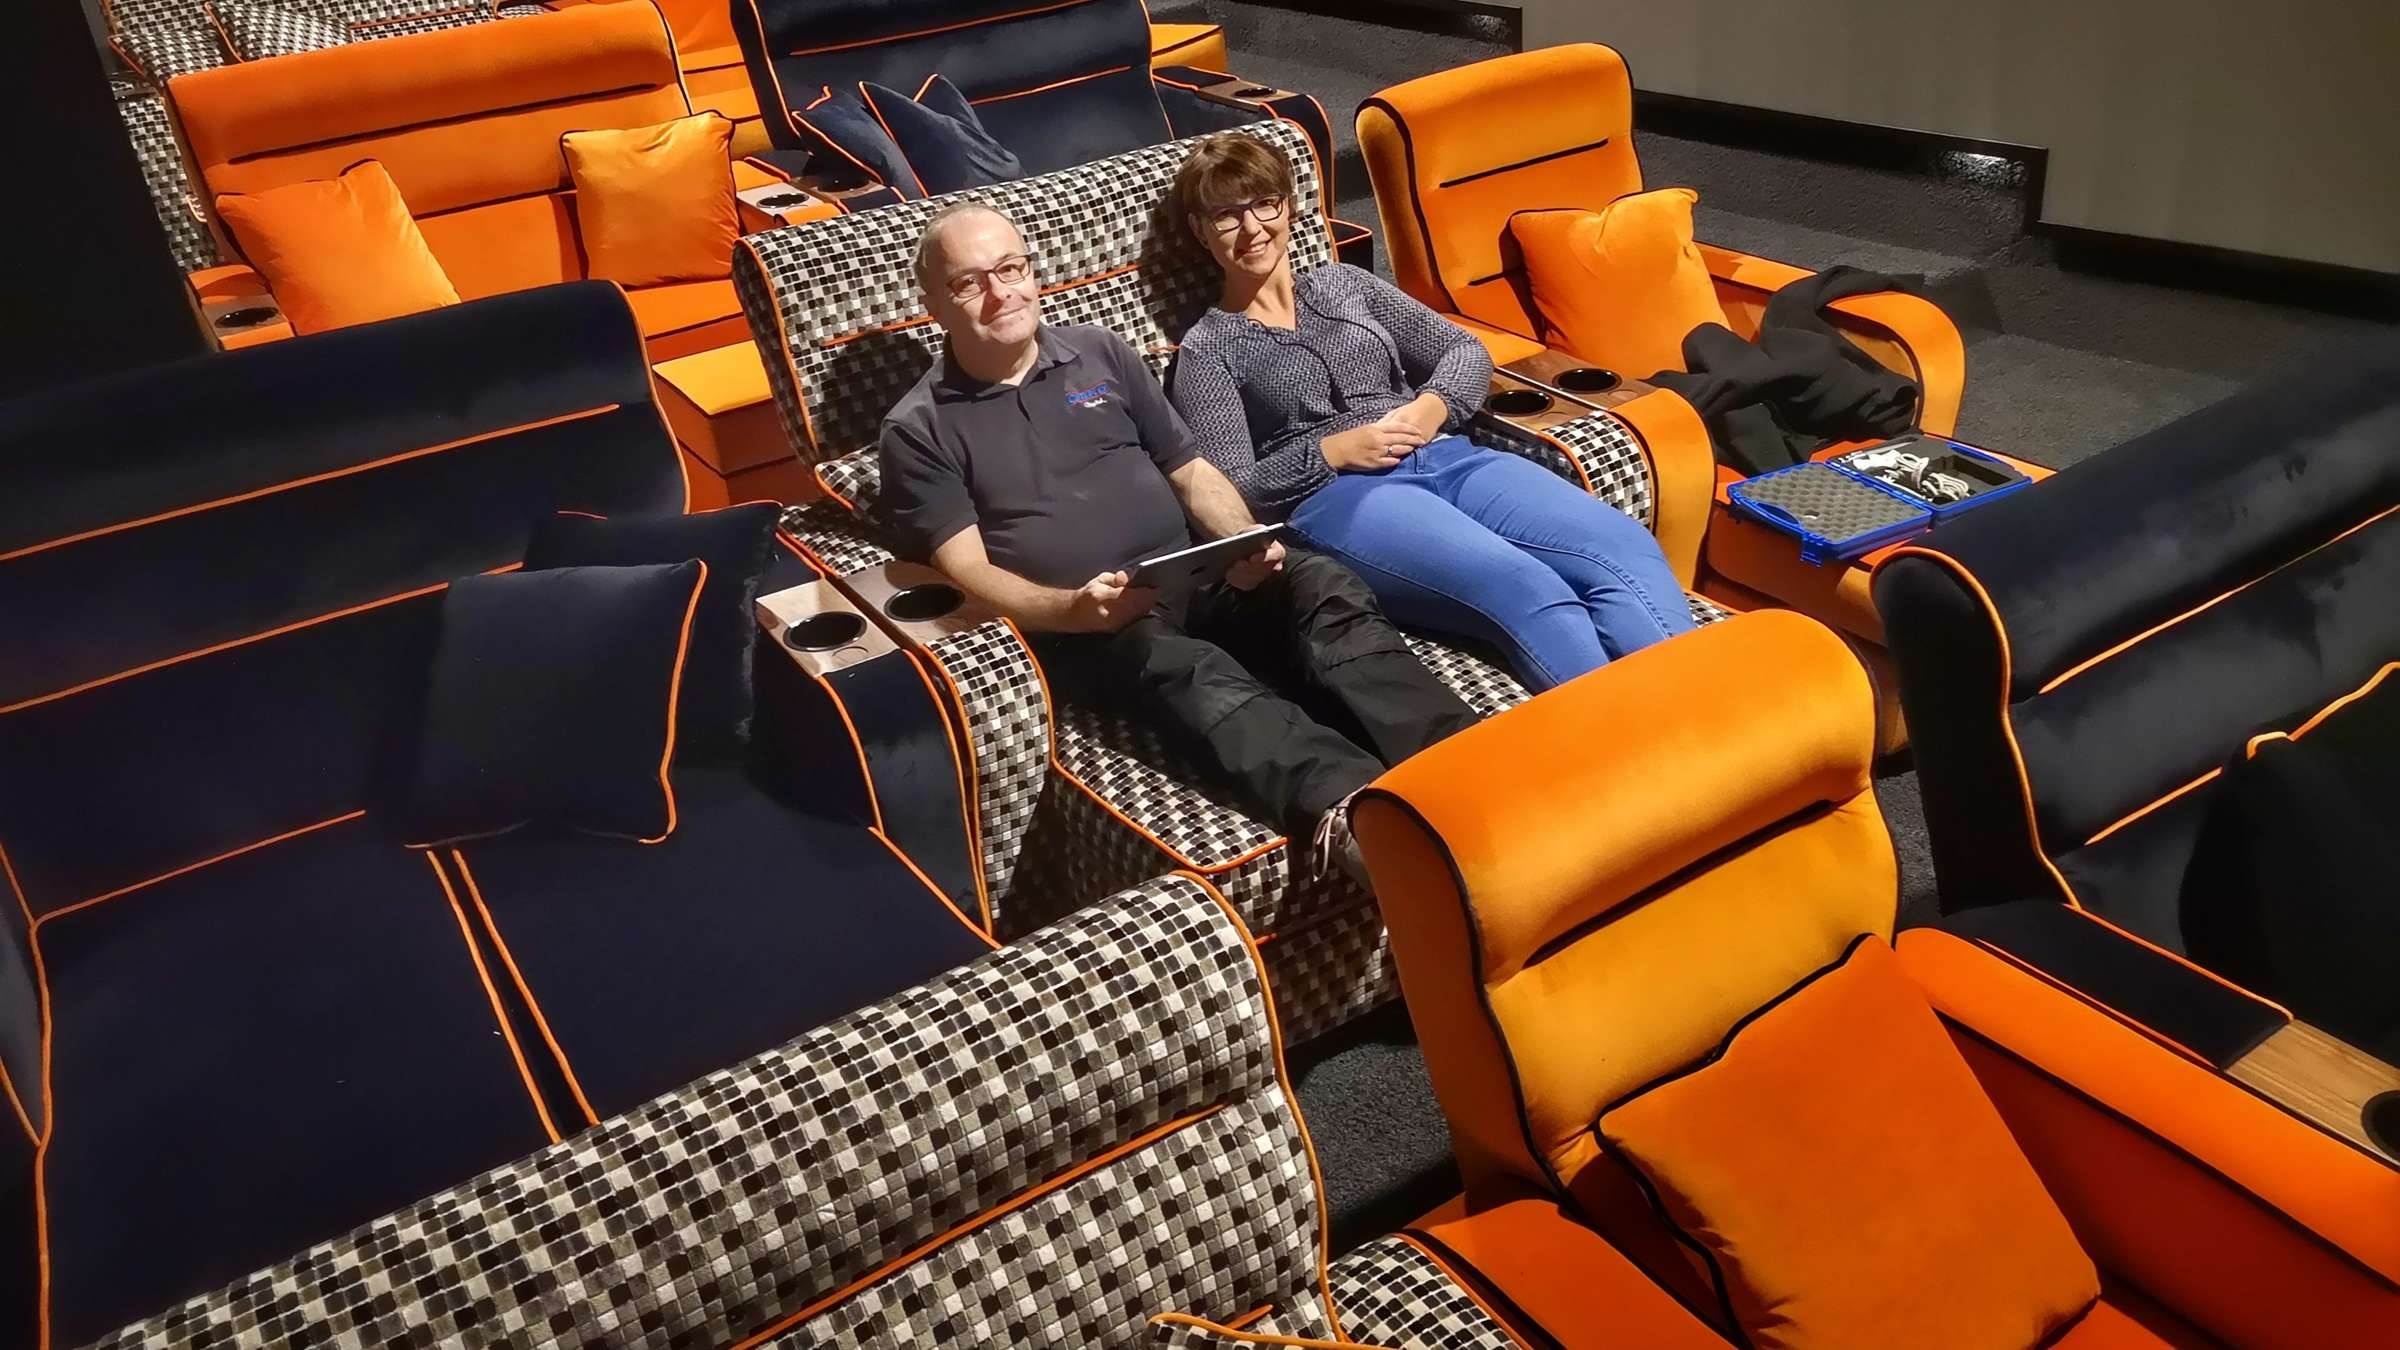 Full Size of Kino Mit Betten Kinos In Kassel Cineplecapitol Erffnet Neues Clubkino Bett Unterbett Trends Balinesische Flexa Einbauküche E Geräten Schlafzimmer Set Wohnzimmer Kino Mit Betten